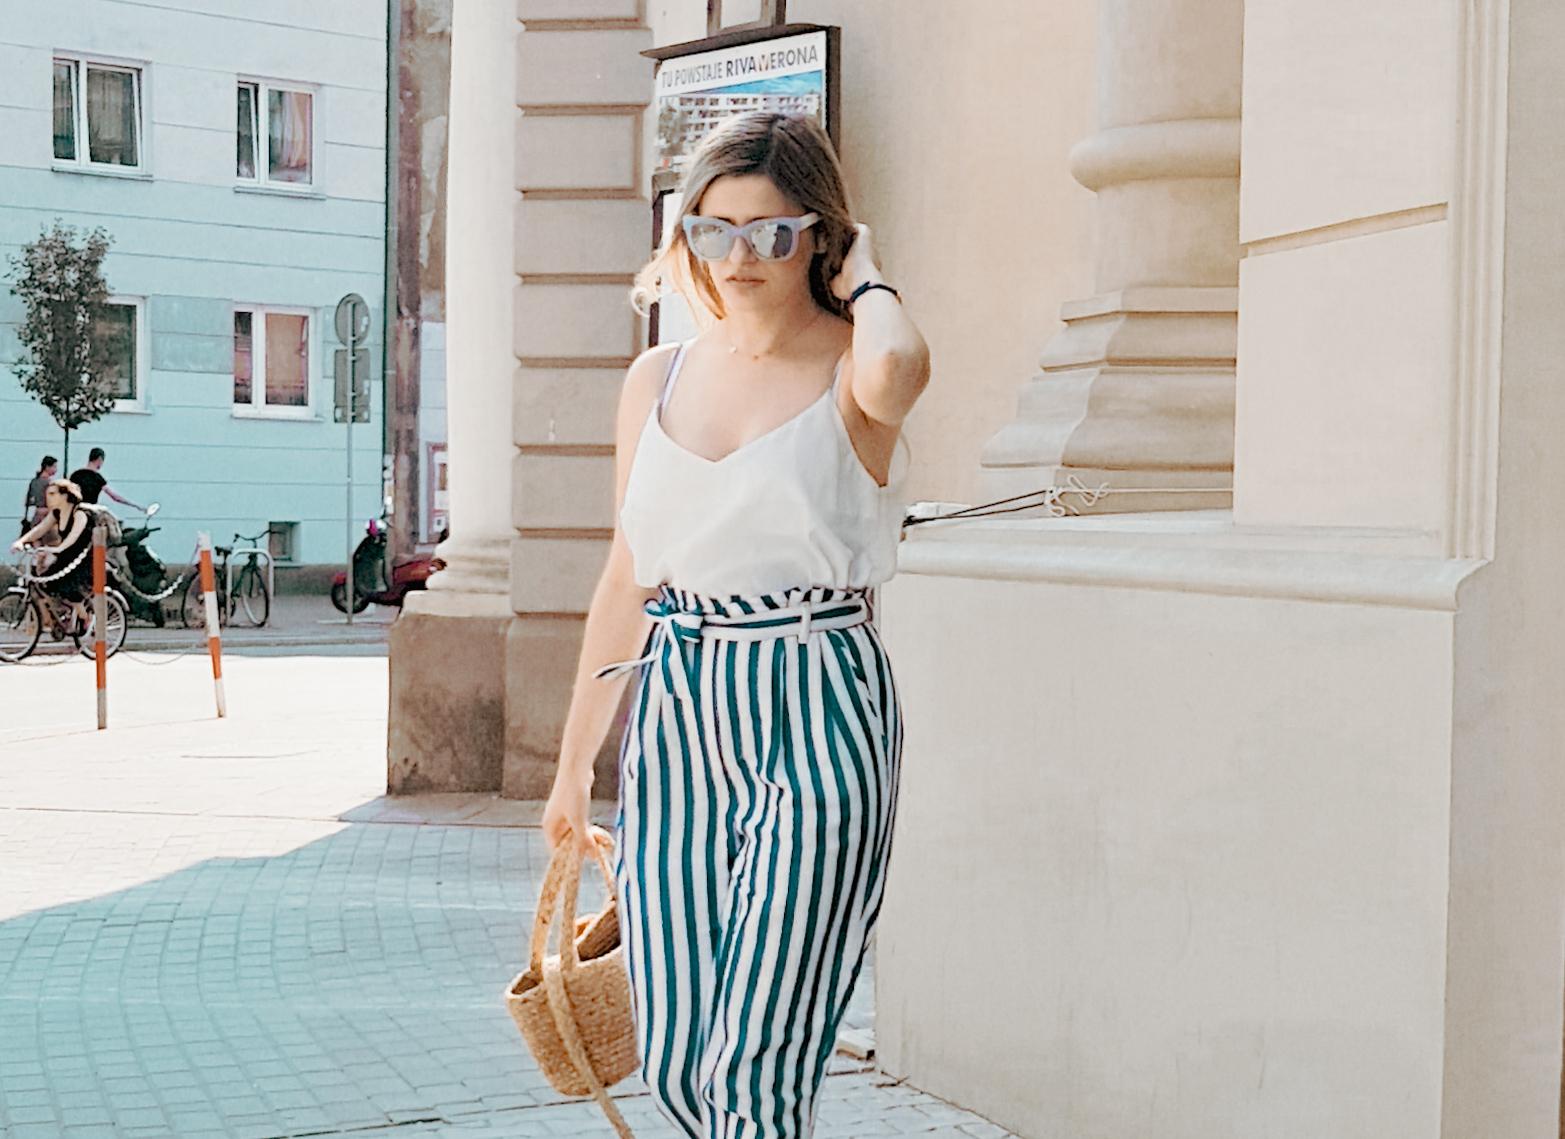 Spodnie w pionowe pasy i jutowy koszyk stylizacja